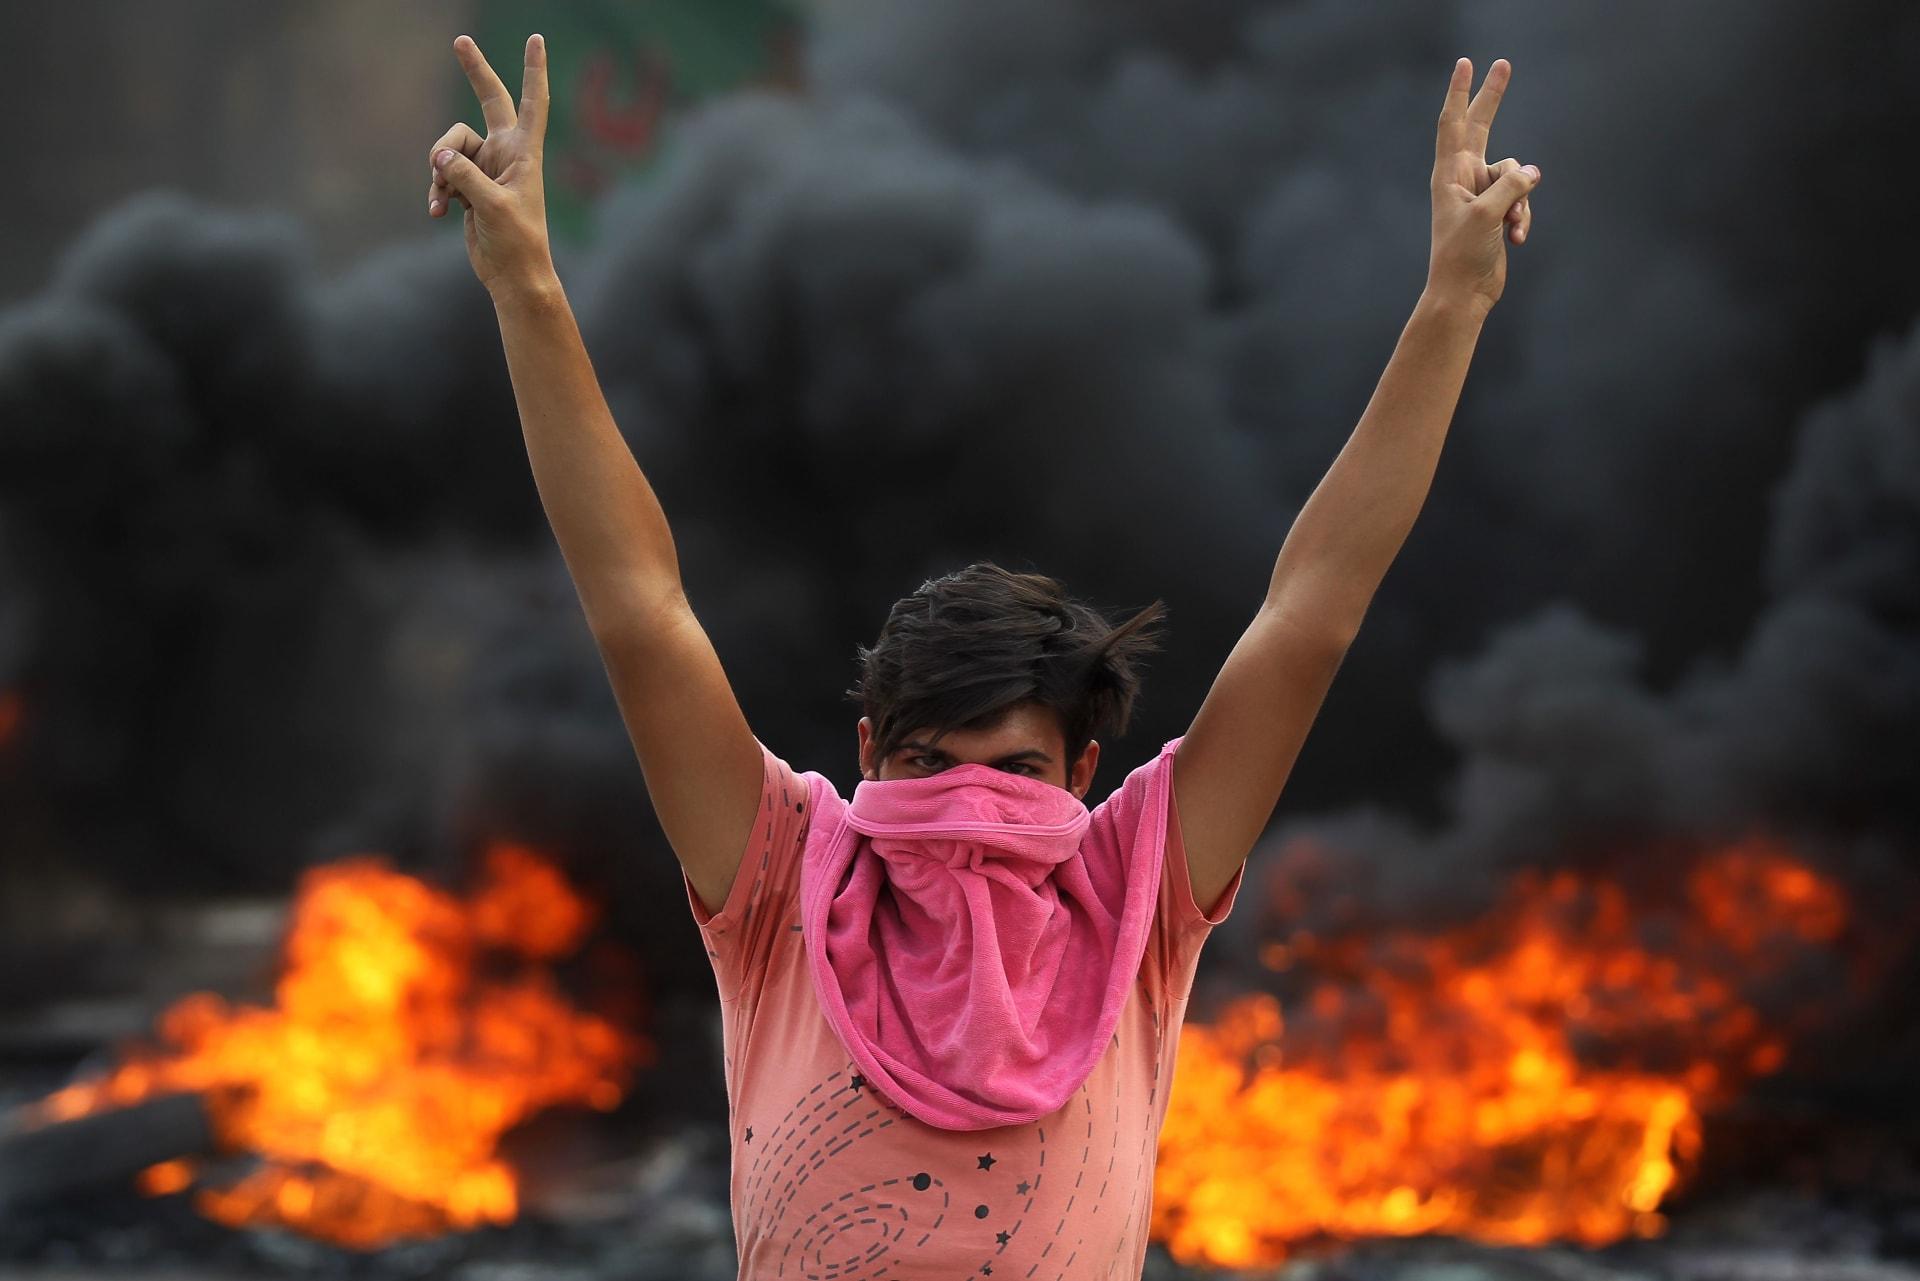 مظاهرات العراق.. قطع طريق مطار بغداد على هامش احتجاجات عنيفة ضد الحكومة